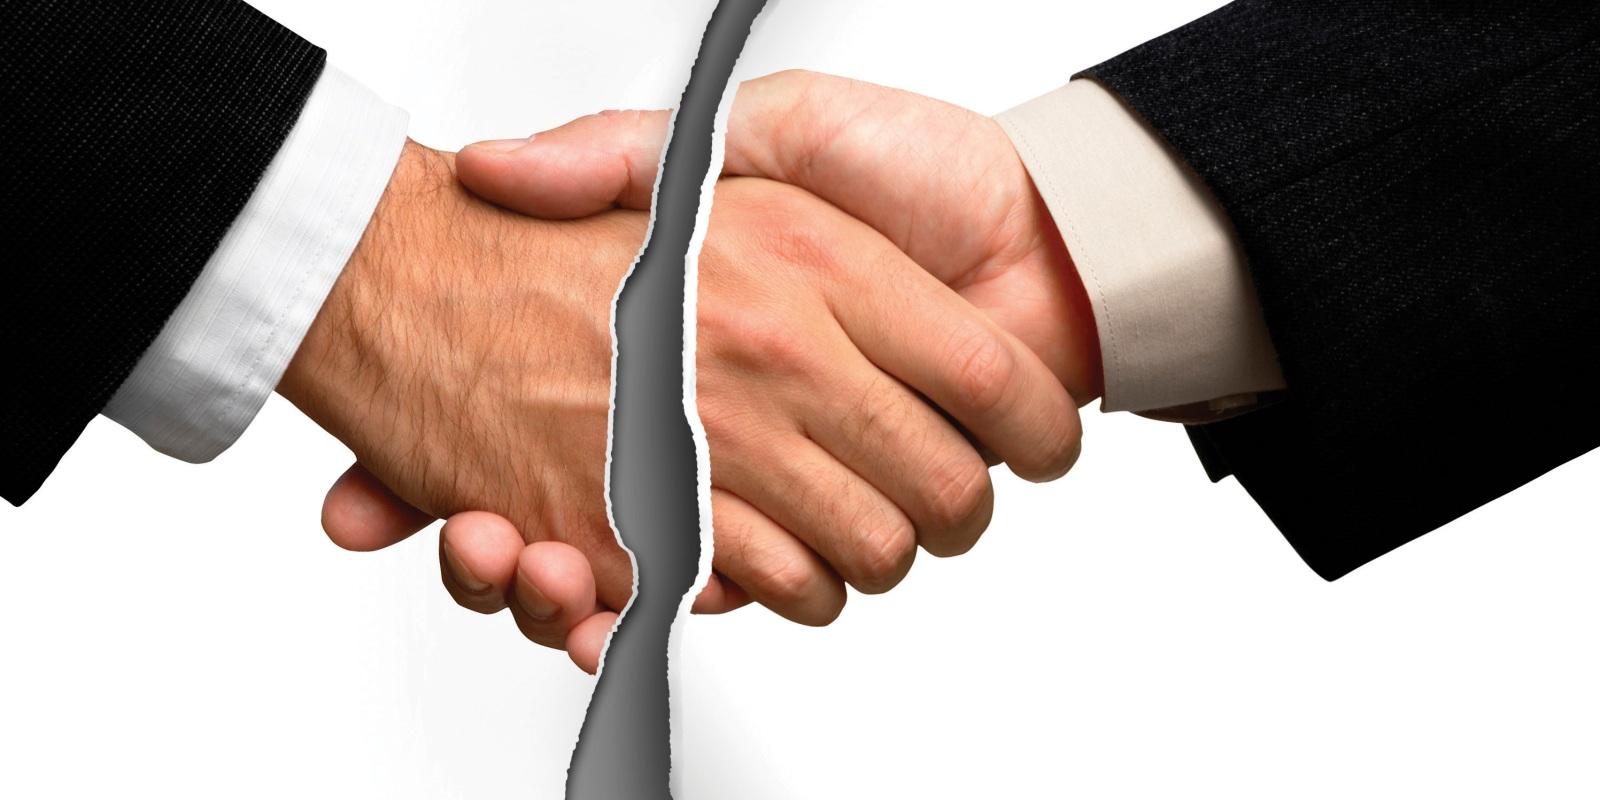 Rescisão de contrato de trabalho – Cálculo e verbas rescisórias